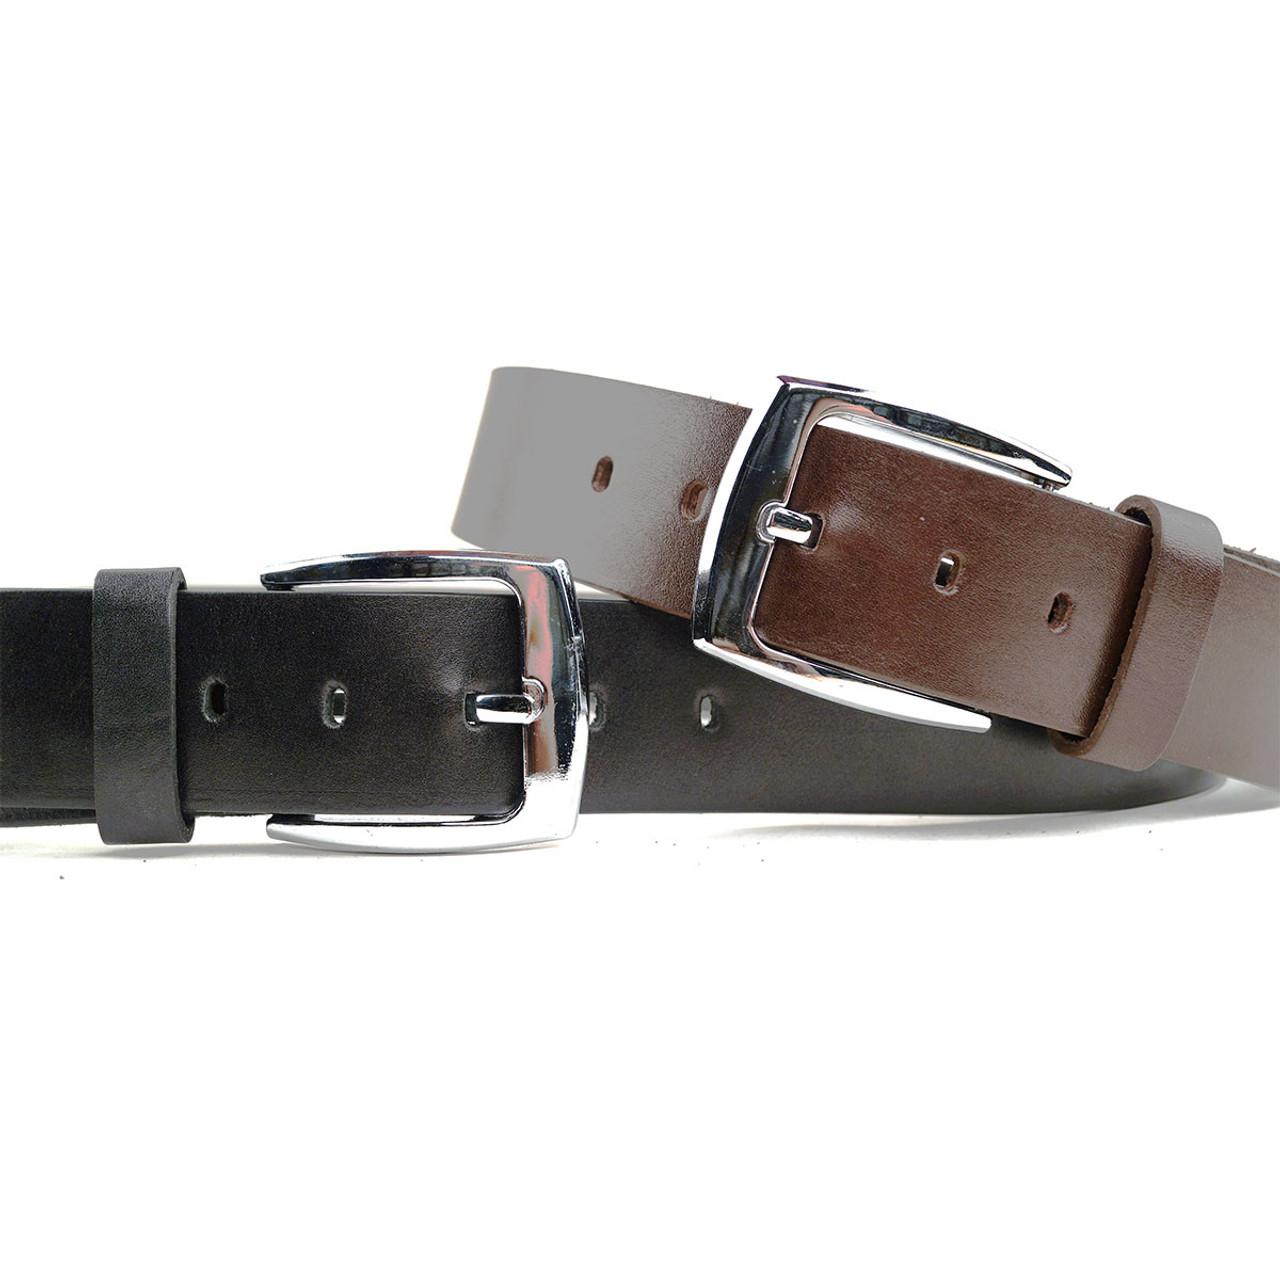 Glock Match-Grade Belt